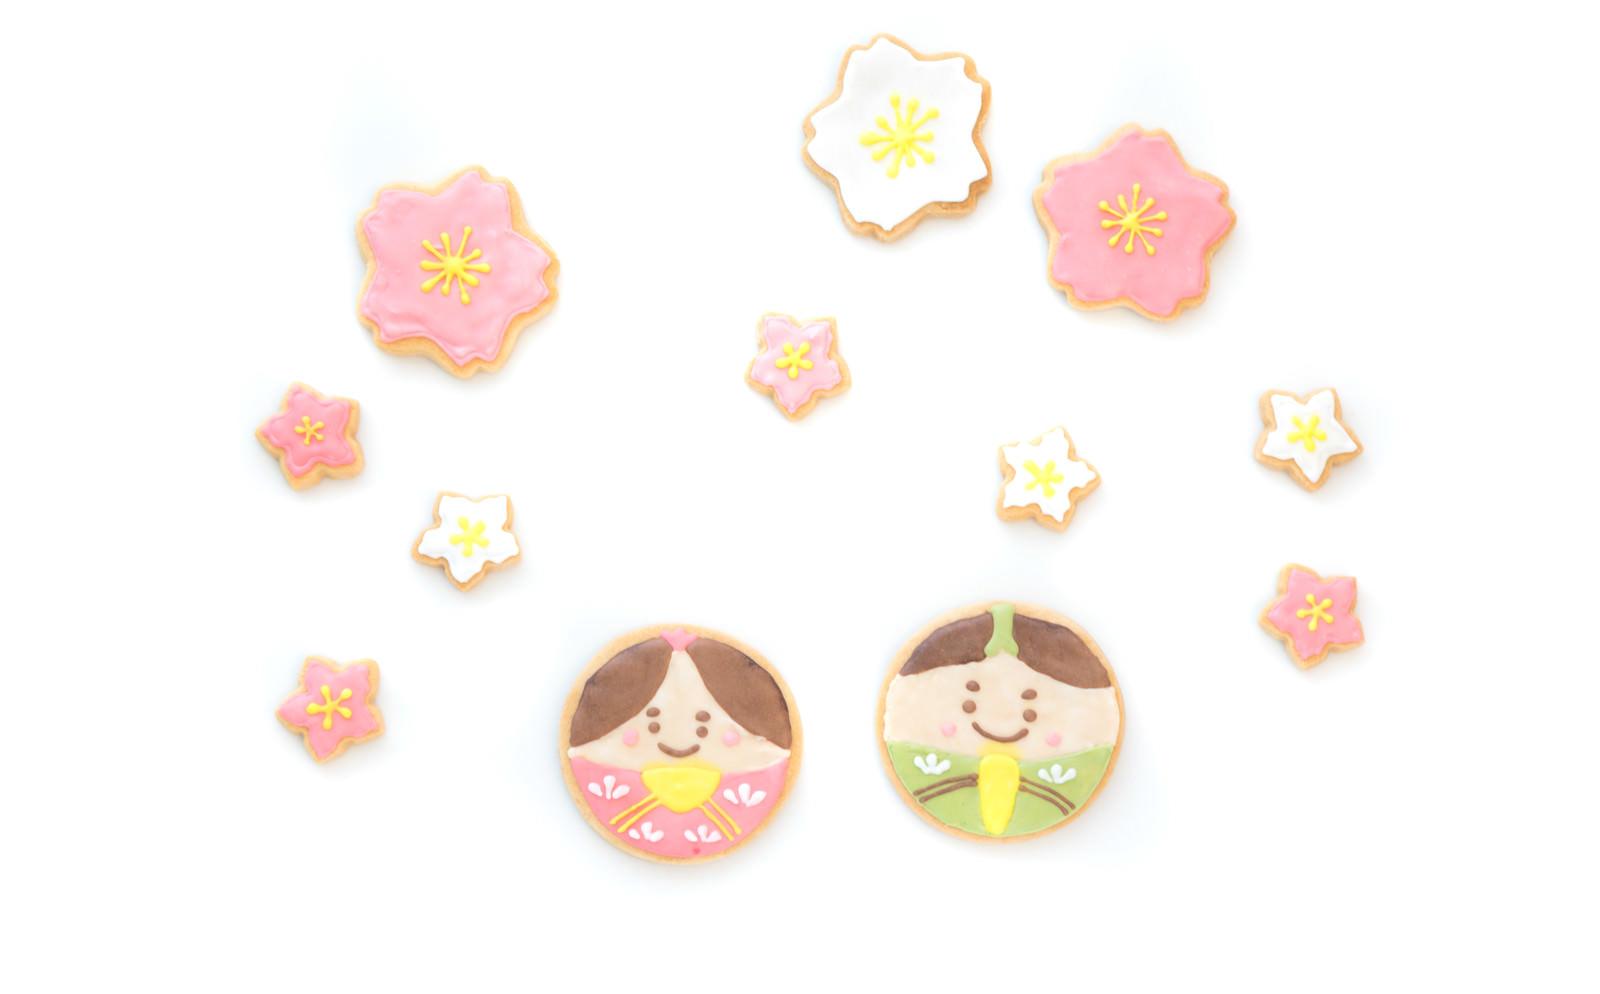 「花見をする男雛と女雛(クッキー) | 写真の無料素材・フリー素材 - ぱくたそ」の写真